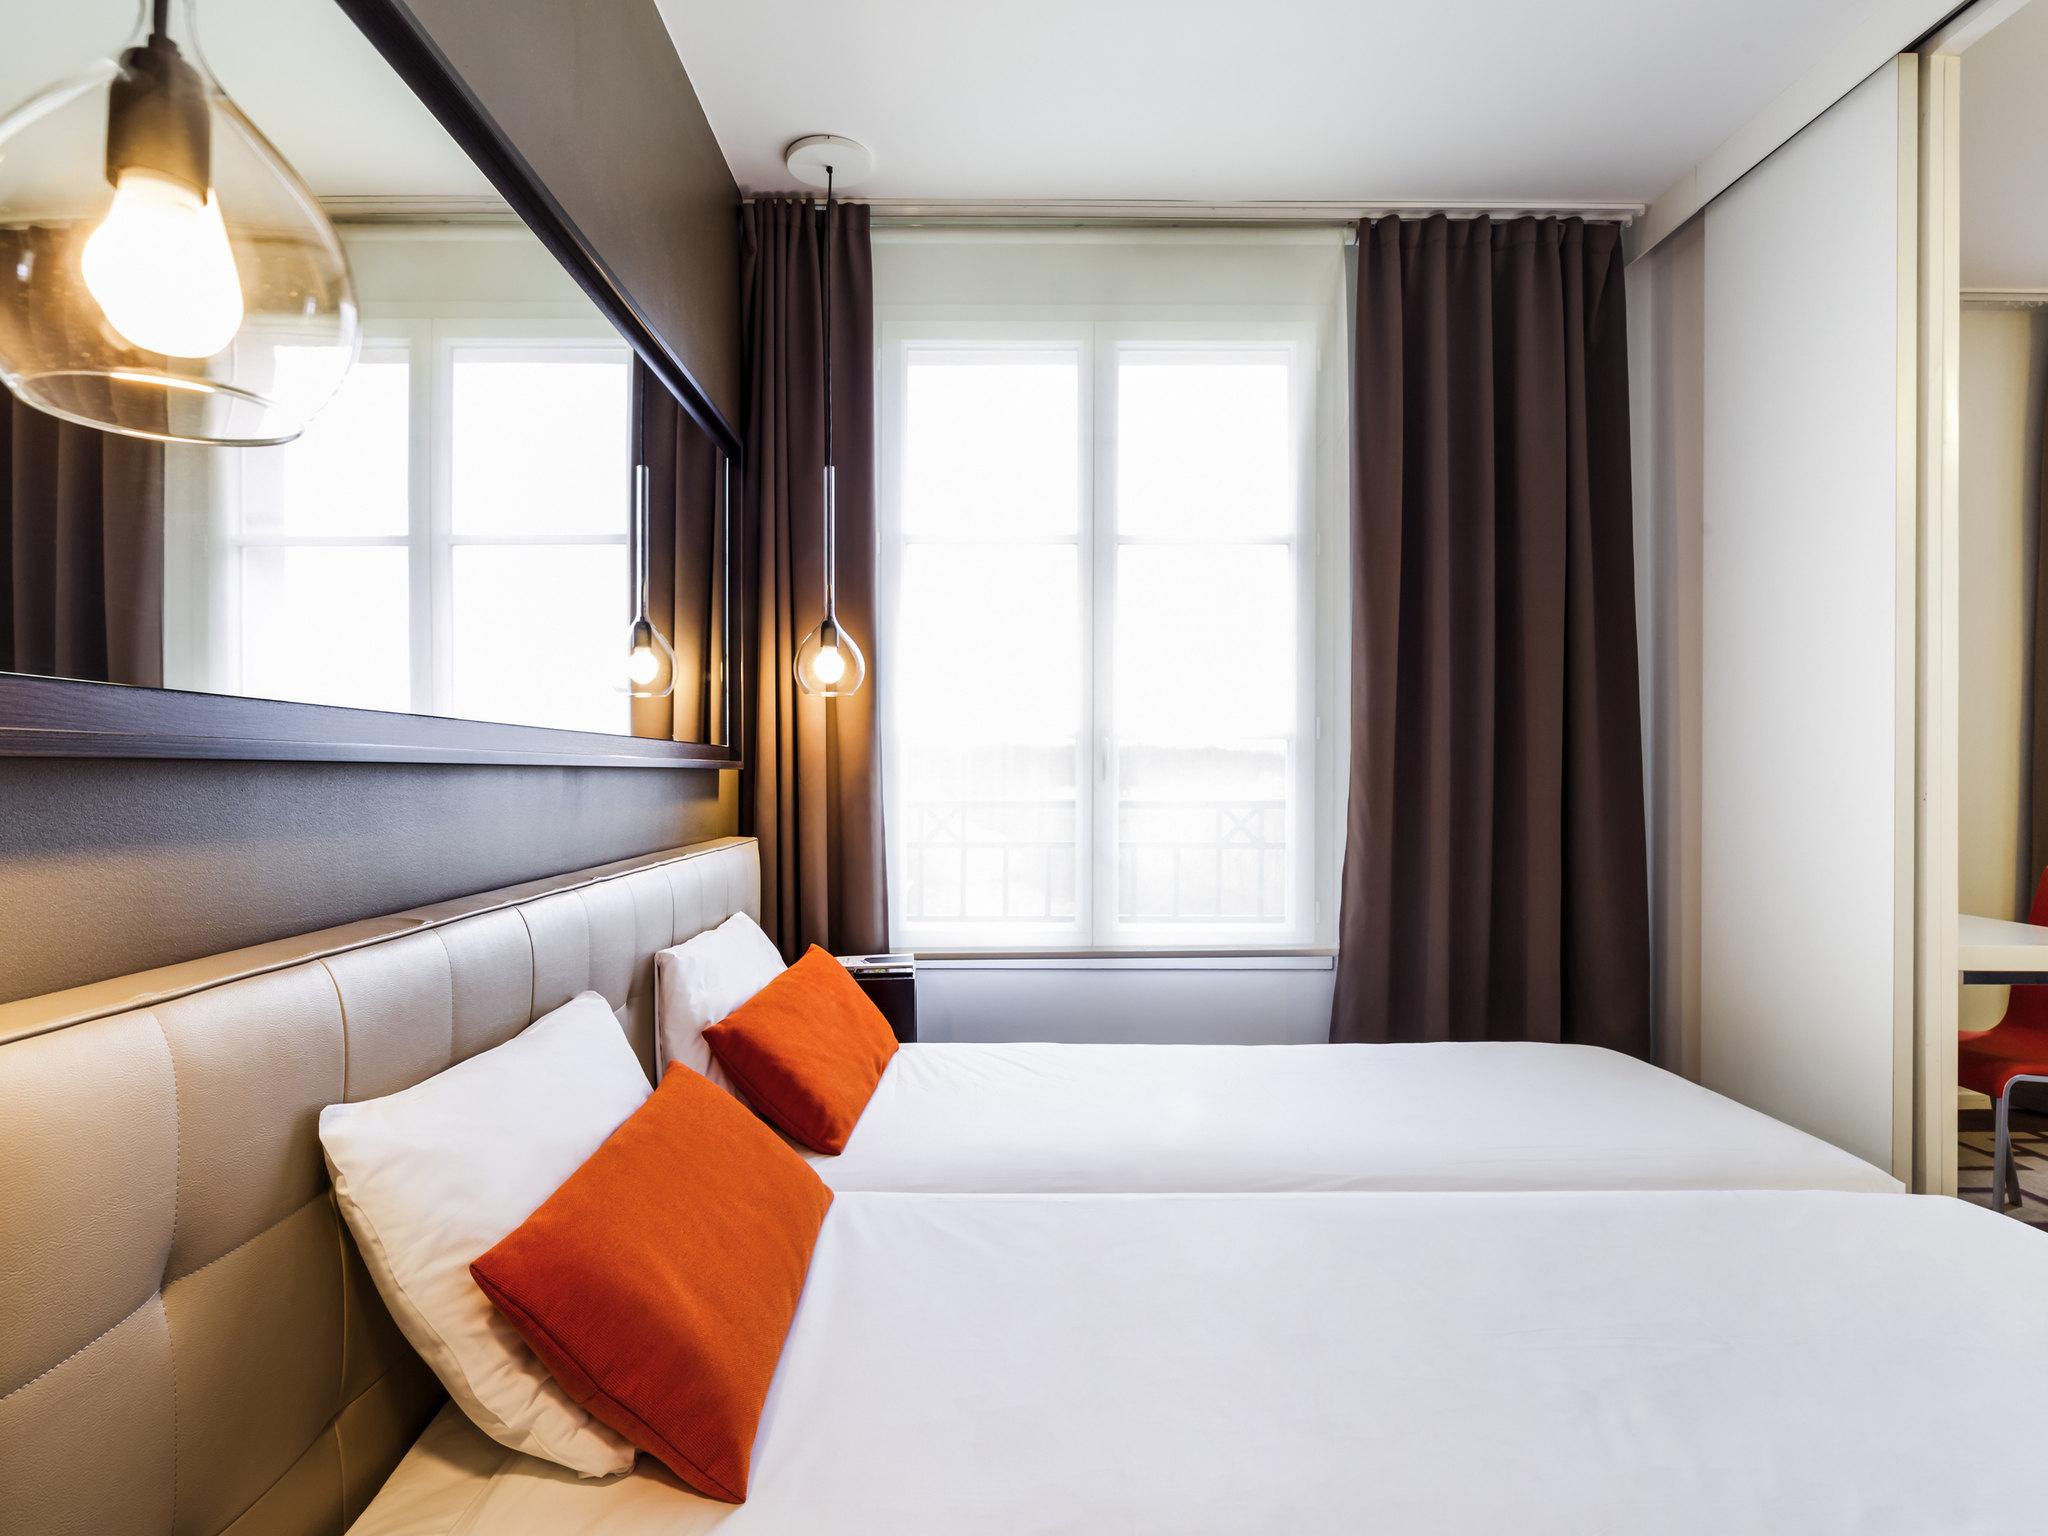 โรงแรม – Hipark by Adagio Marseille